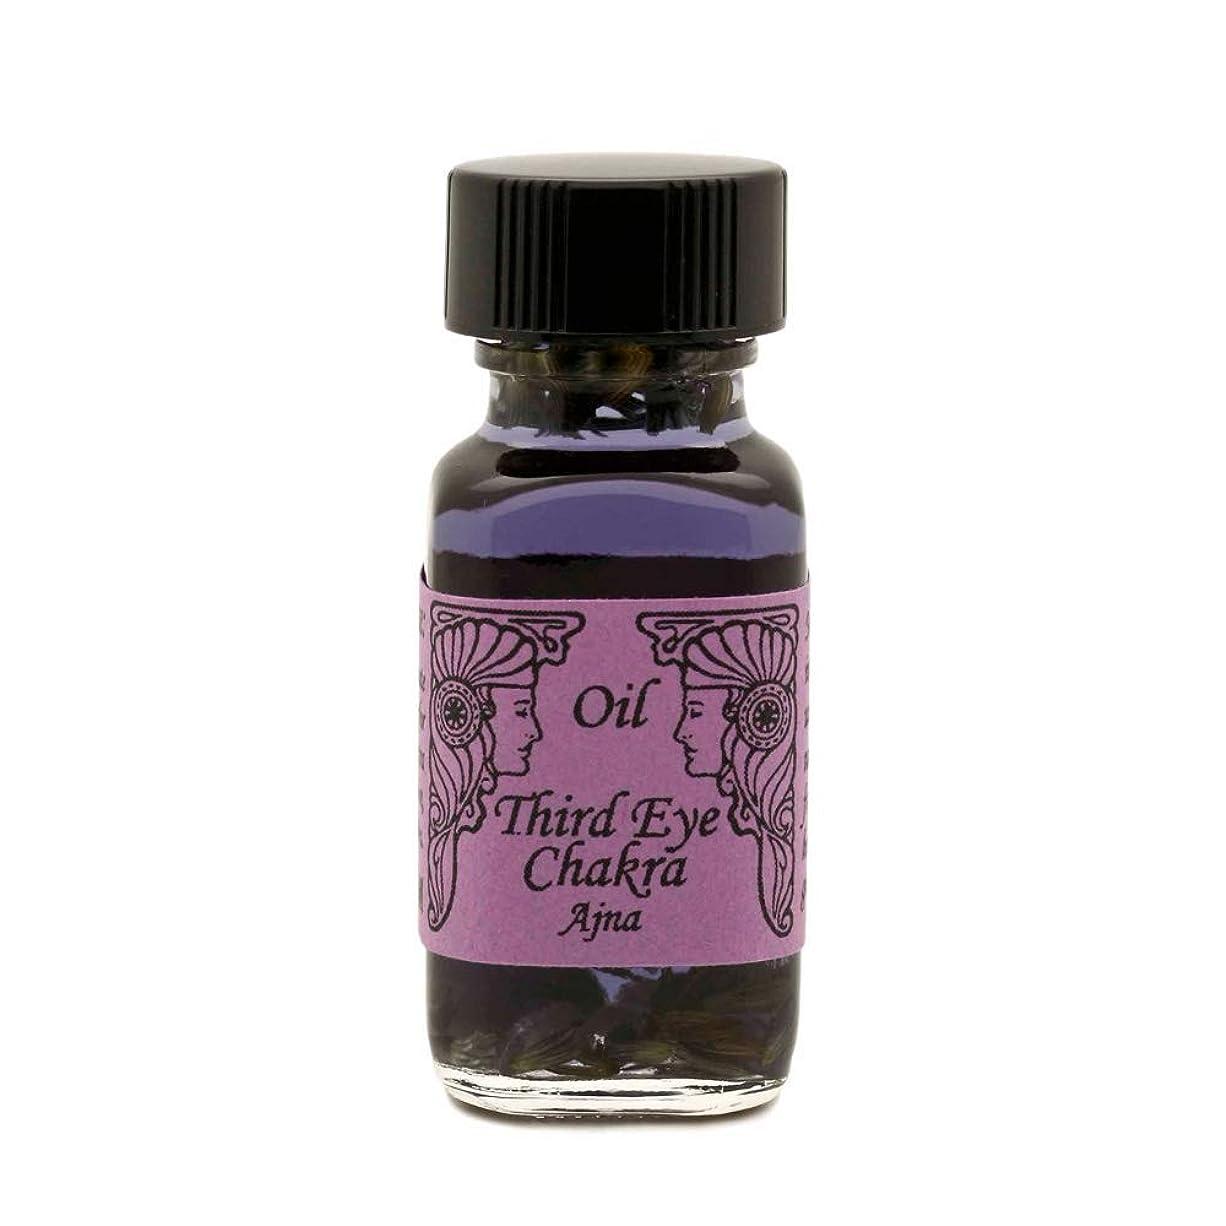 トレード地味なオンスSEDONA Ancient Memory Oils セドナ アンシェントメモリーオイル 3RD Eye Chakra サードアイ ブラウ チャクラ 15ml